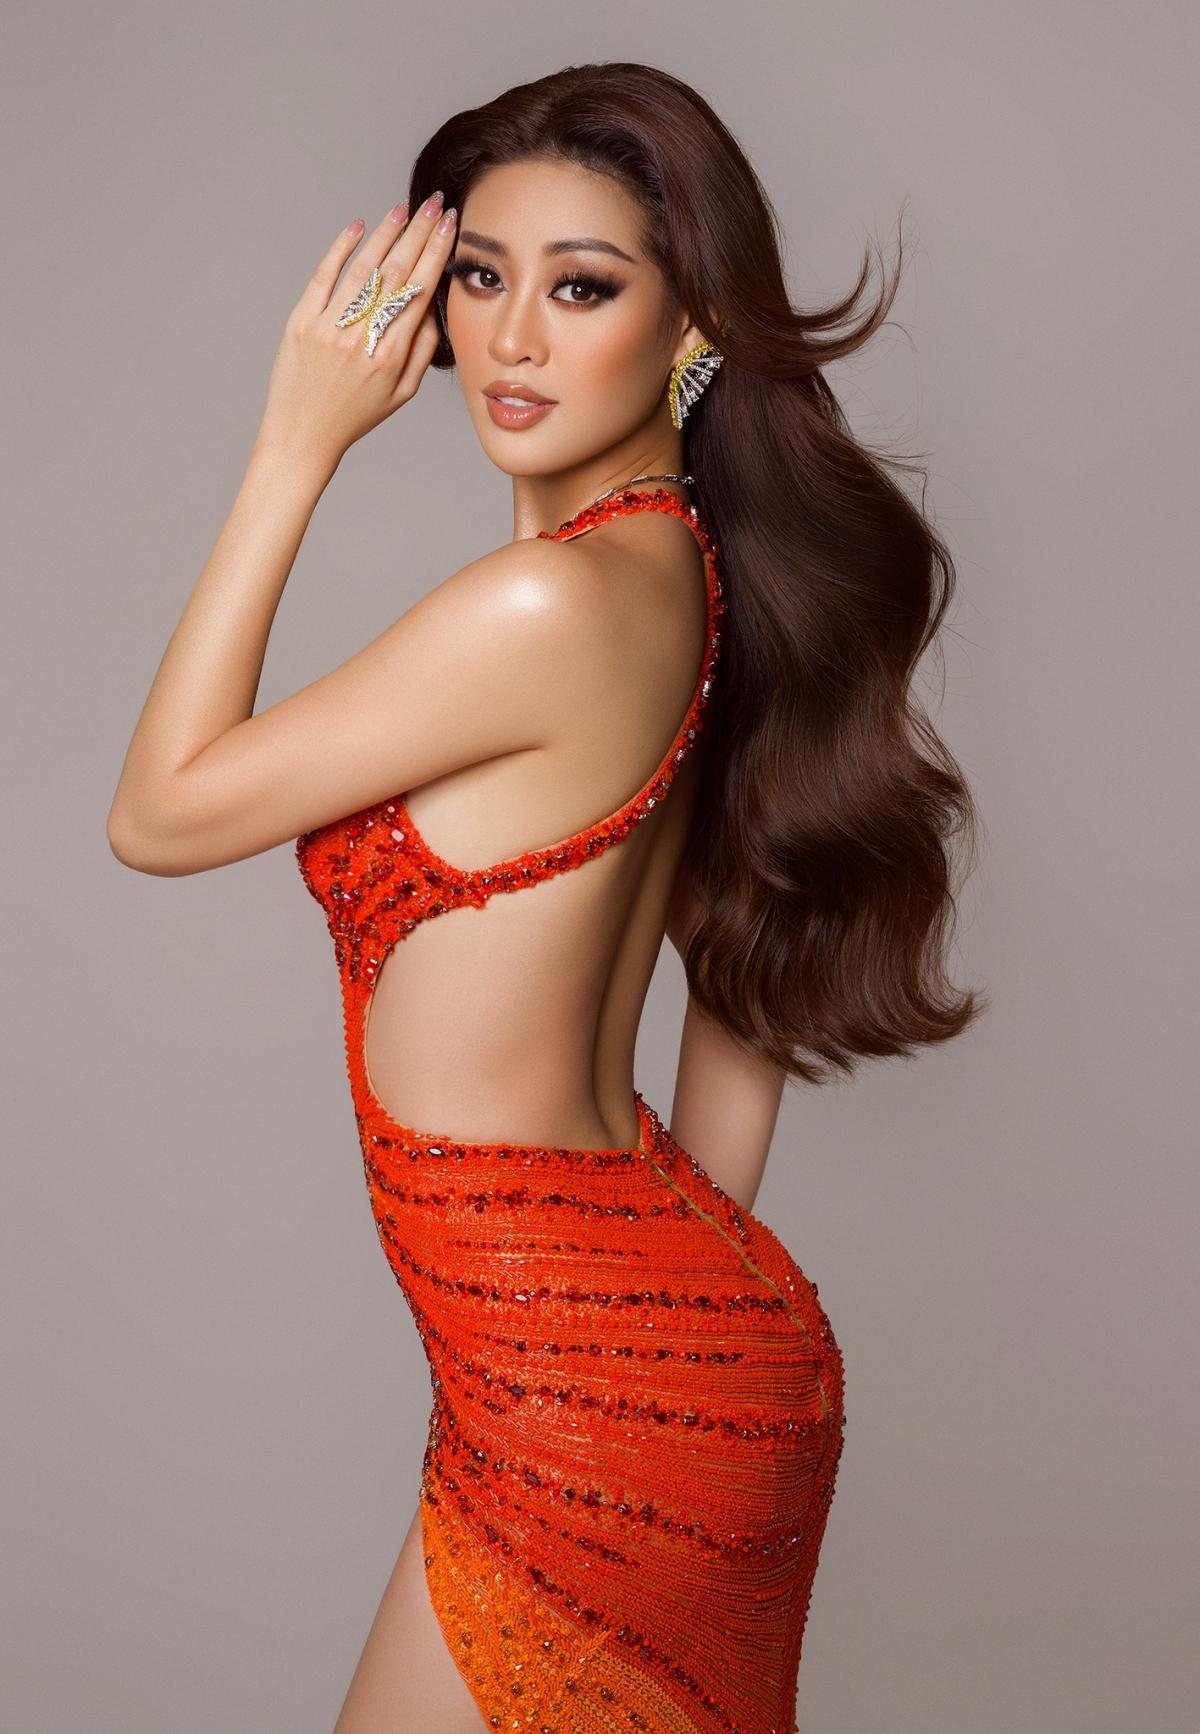 Đáng tiếc, Khánh Vân đã không lọt vào top 10 để tham gia trình diễn váy dạ hội trên sân khấu đêm chung kết./.